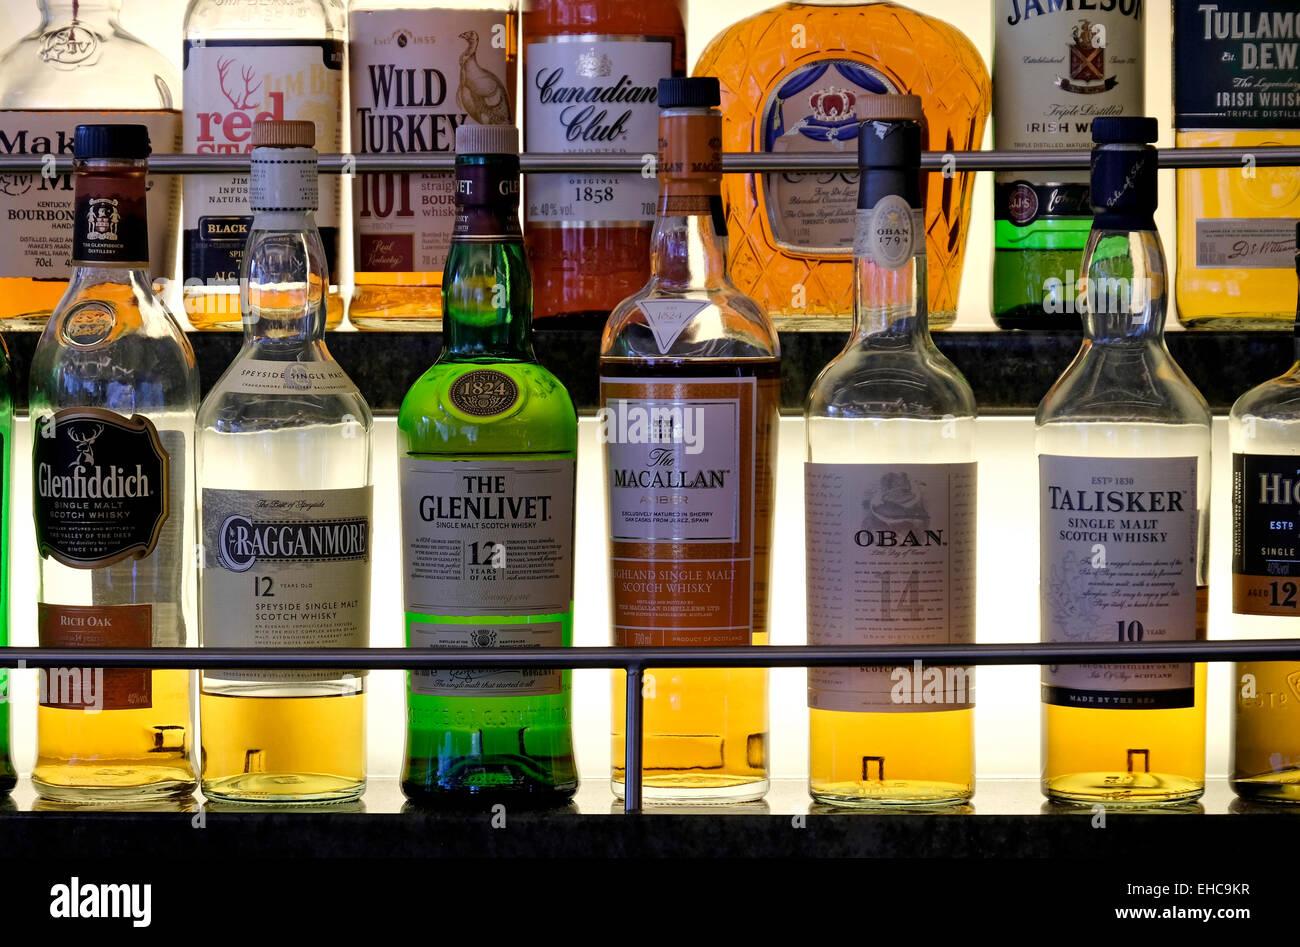 Sélection de whiskies et autres spiritueux Alcool sur une tablette en verre éclairée Photo Stock